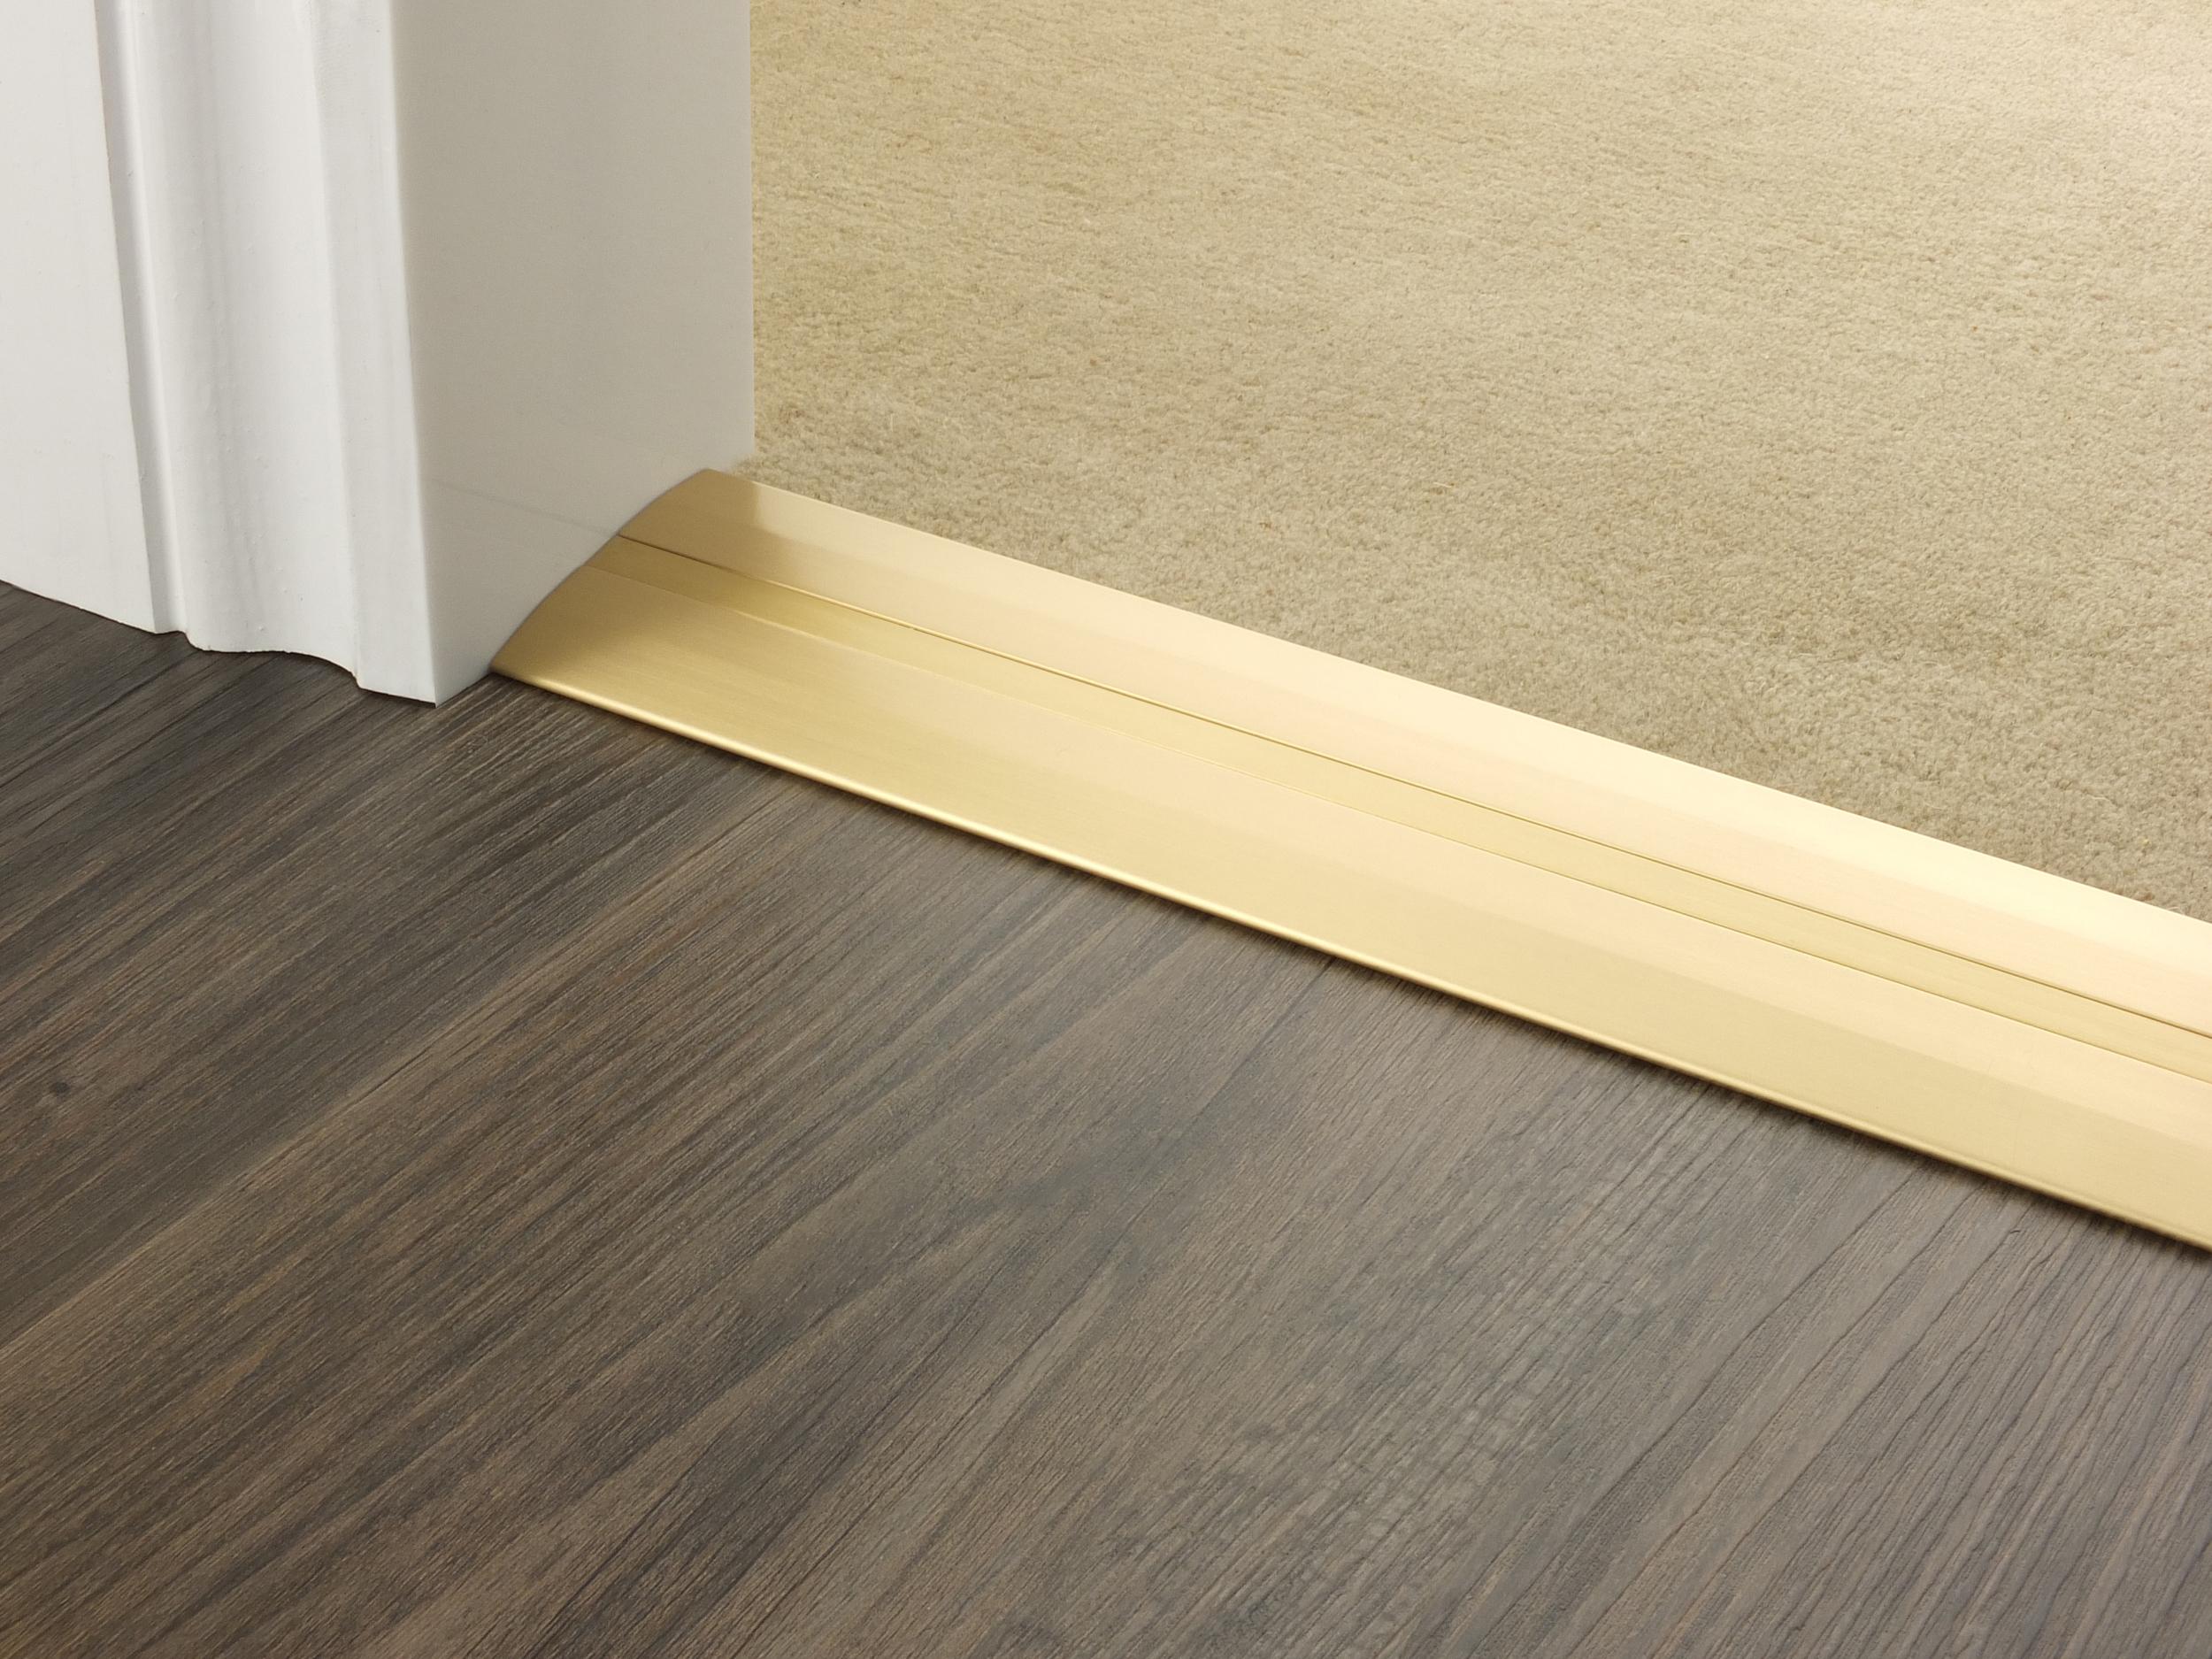 door_bar_satin_brass_posh_55_Carpet.jpg